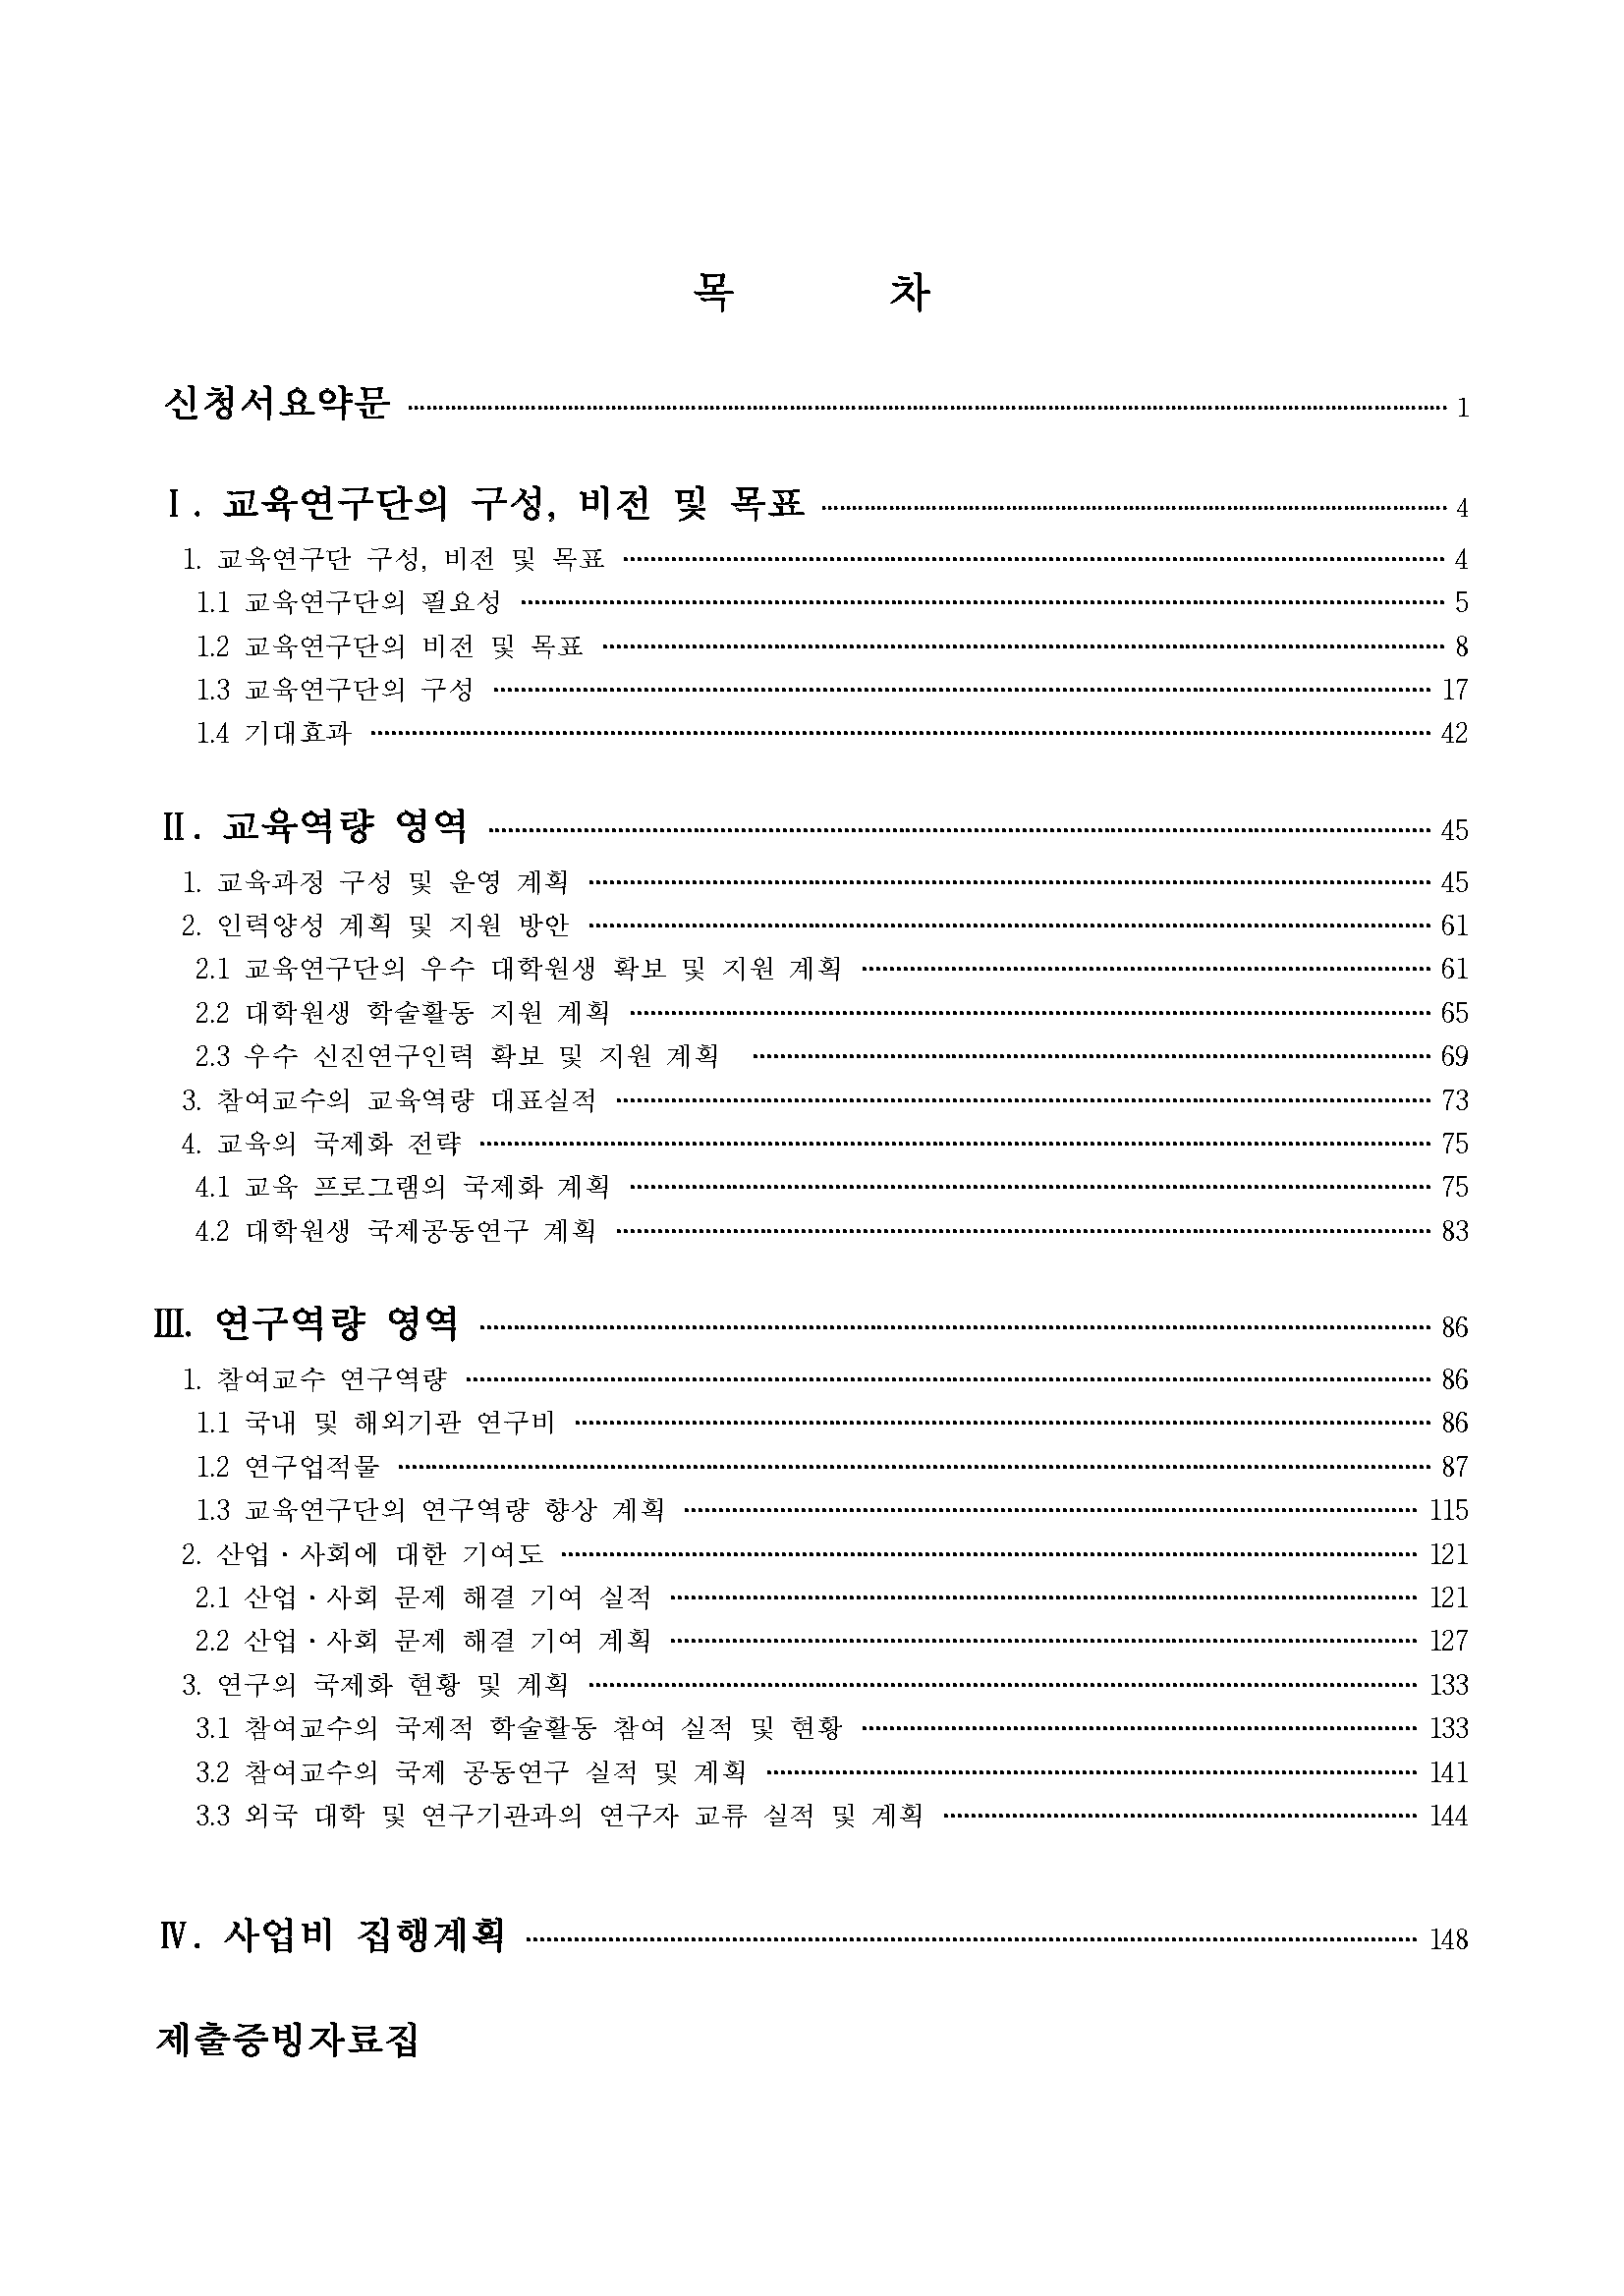 02_본문_페이지_001